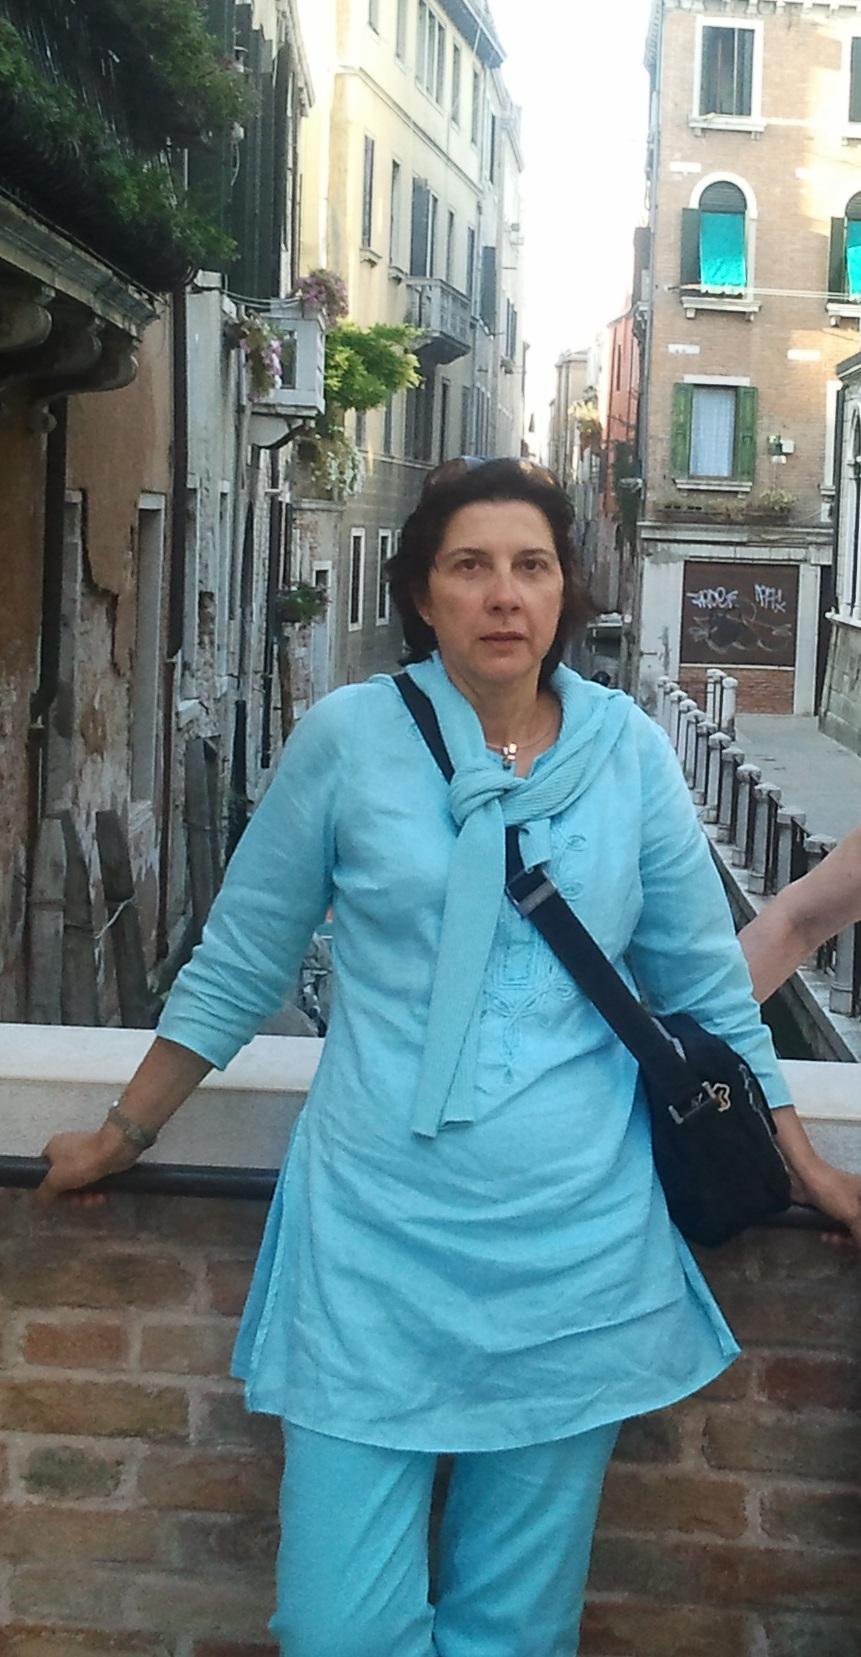 Josefa Camardons